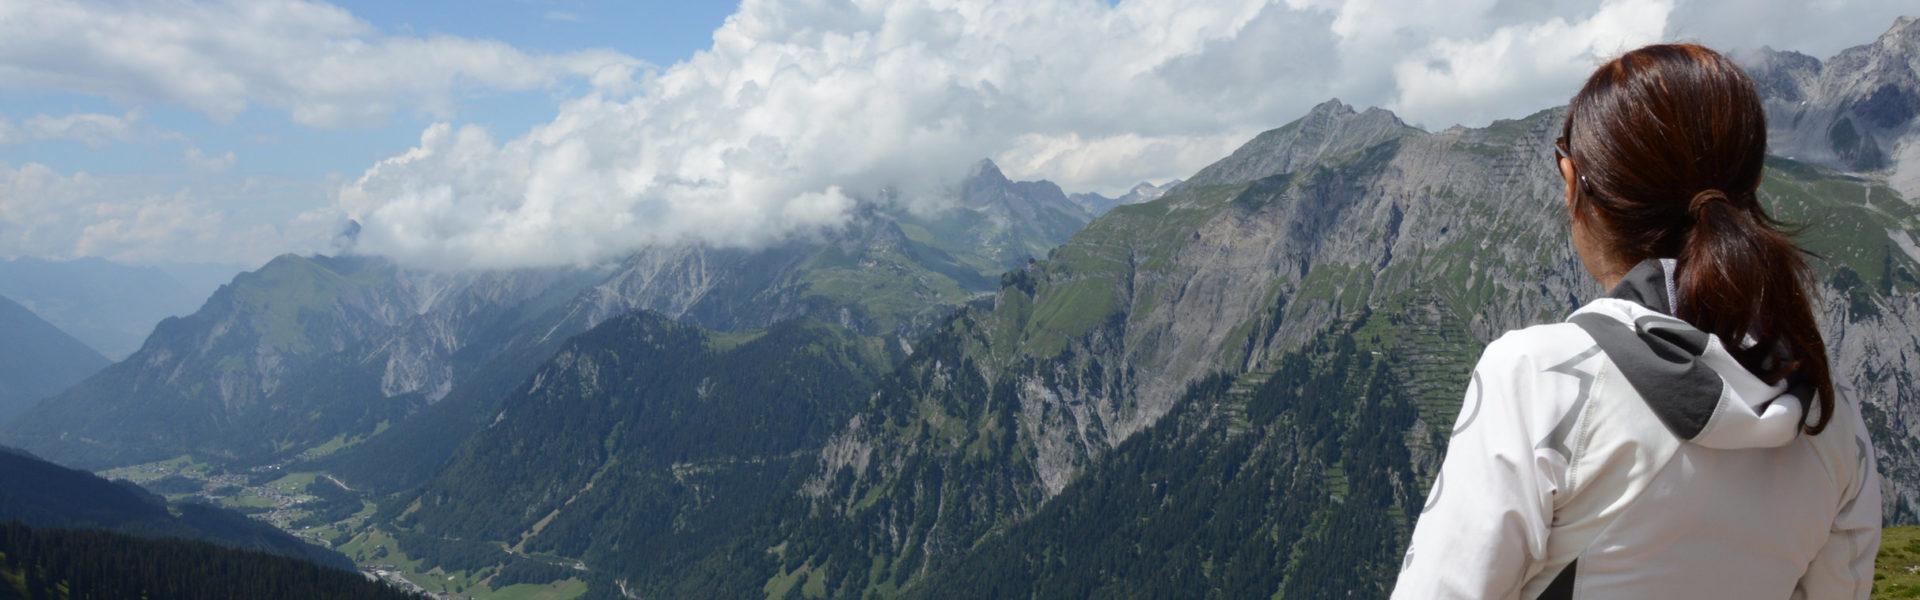 Tiefblick von der Kaltenberghütte ins Klostertal. © Peter Freiberger / Vorarlberg Tourismus